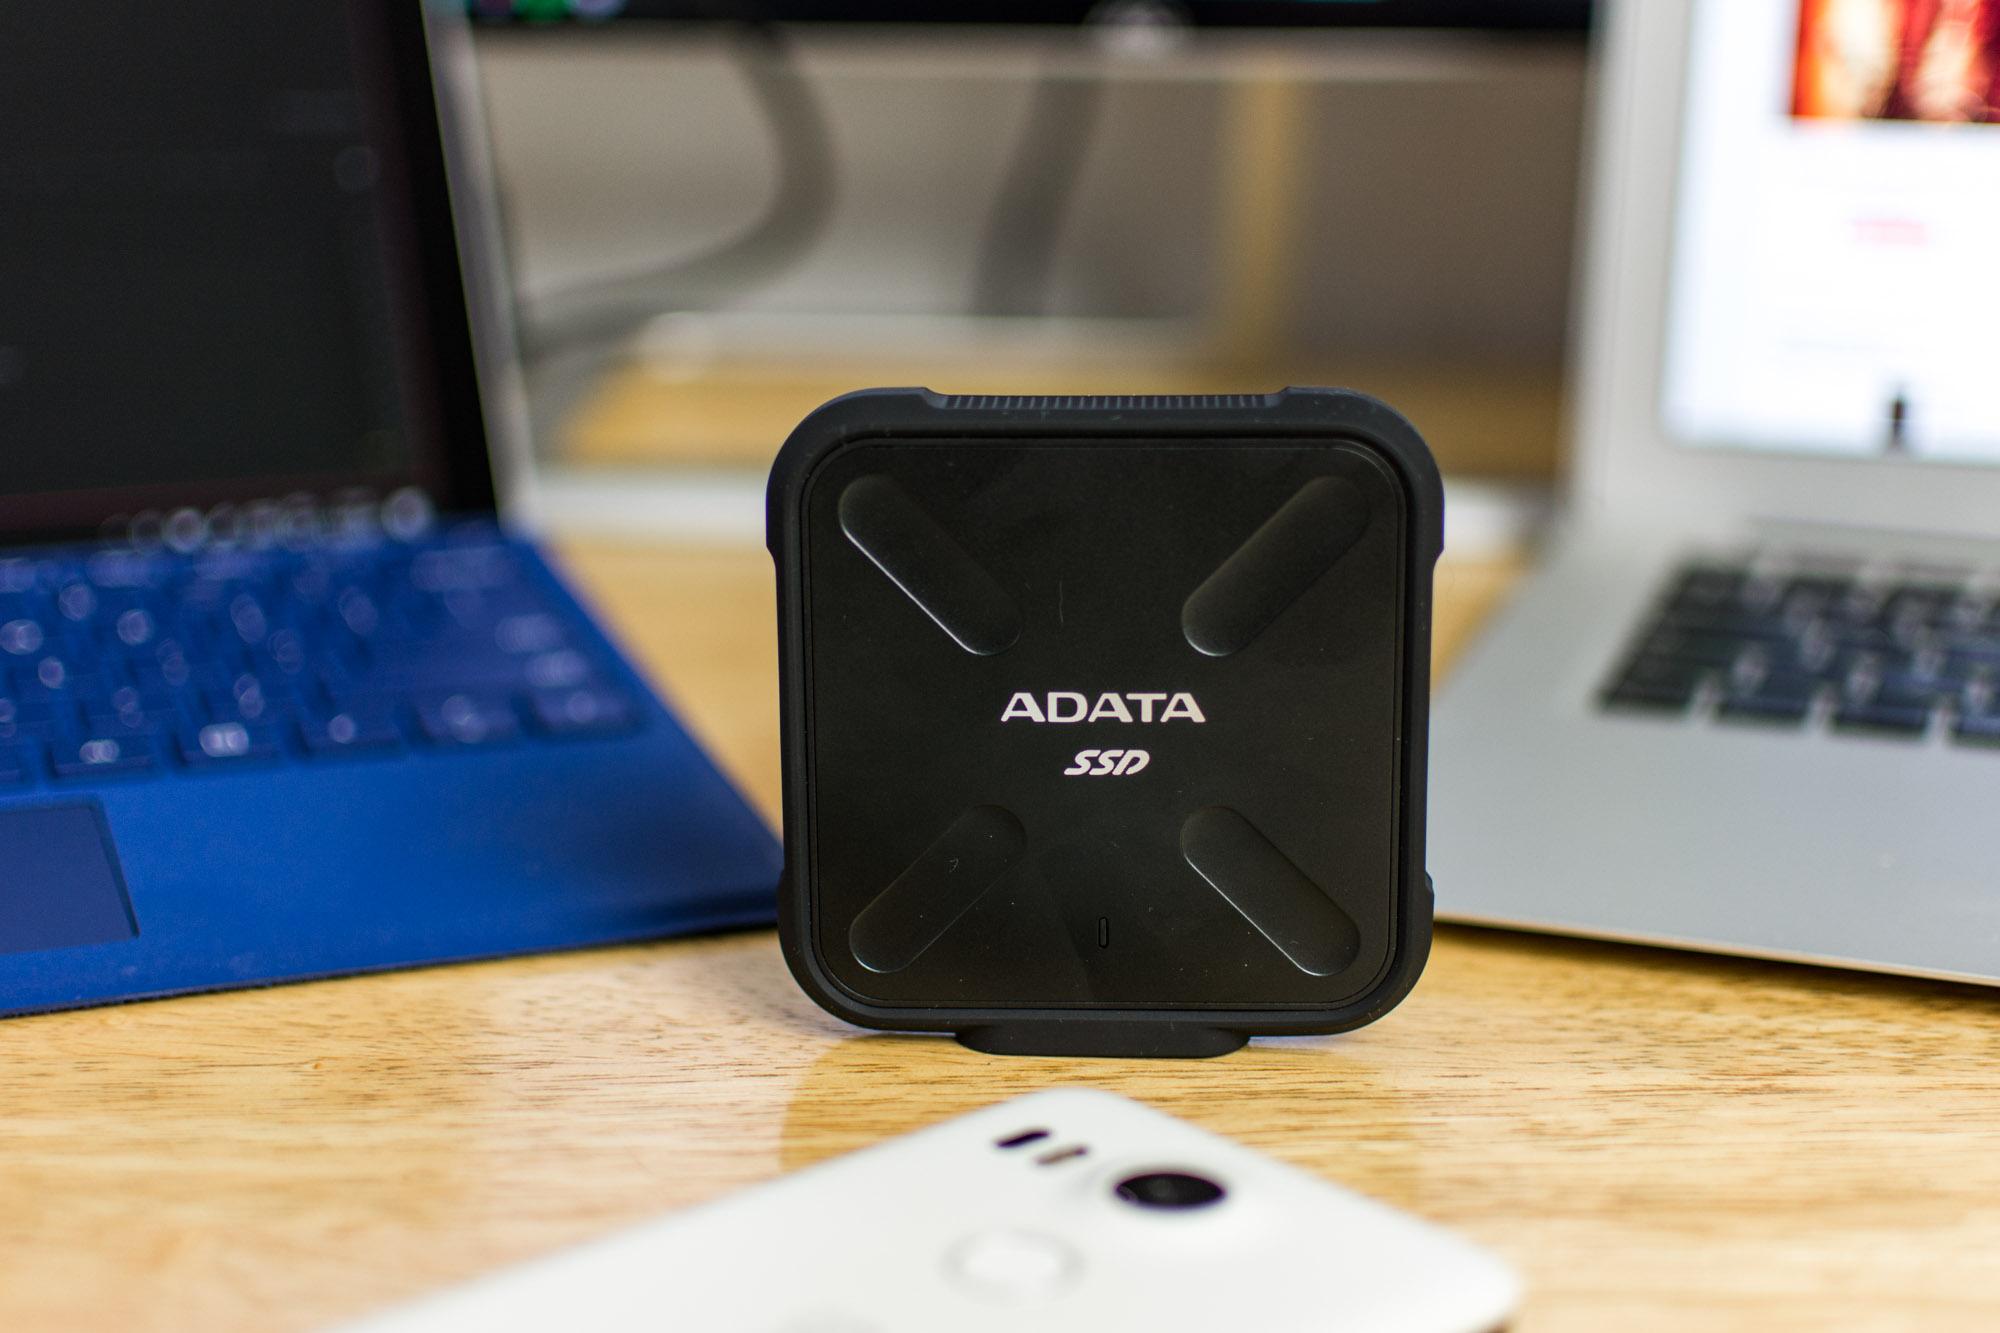 ADATA-SD700-1